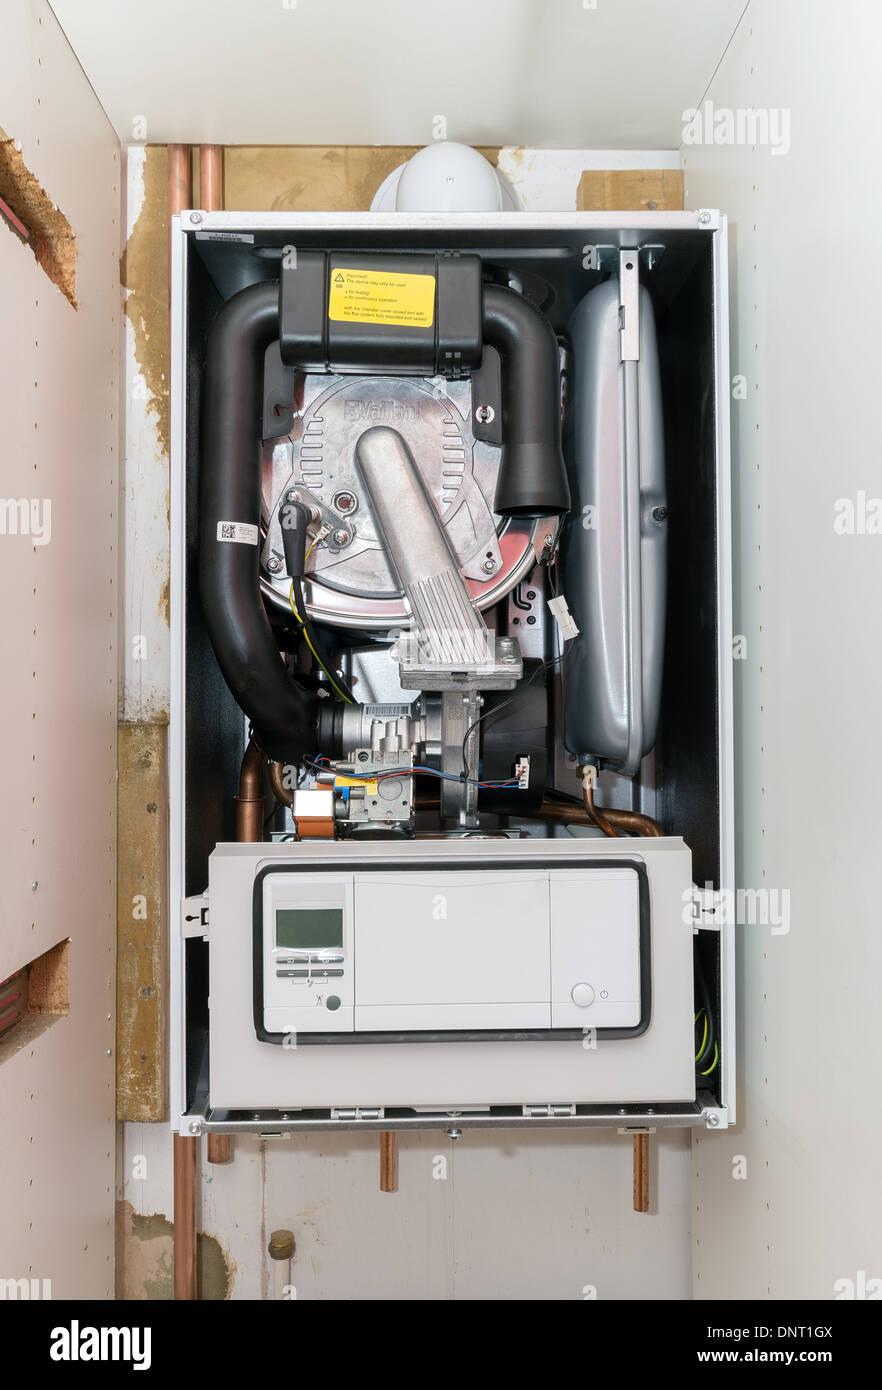 Vaillant Ecotec Plus Manual >> Vaillant ecotec pro 286 precio – Hydraulic actuators